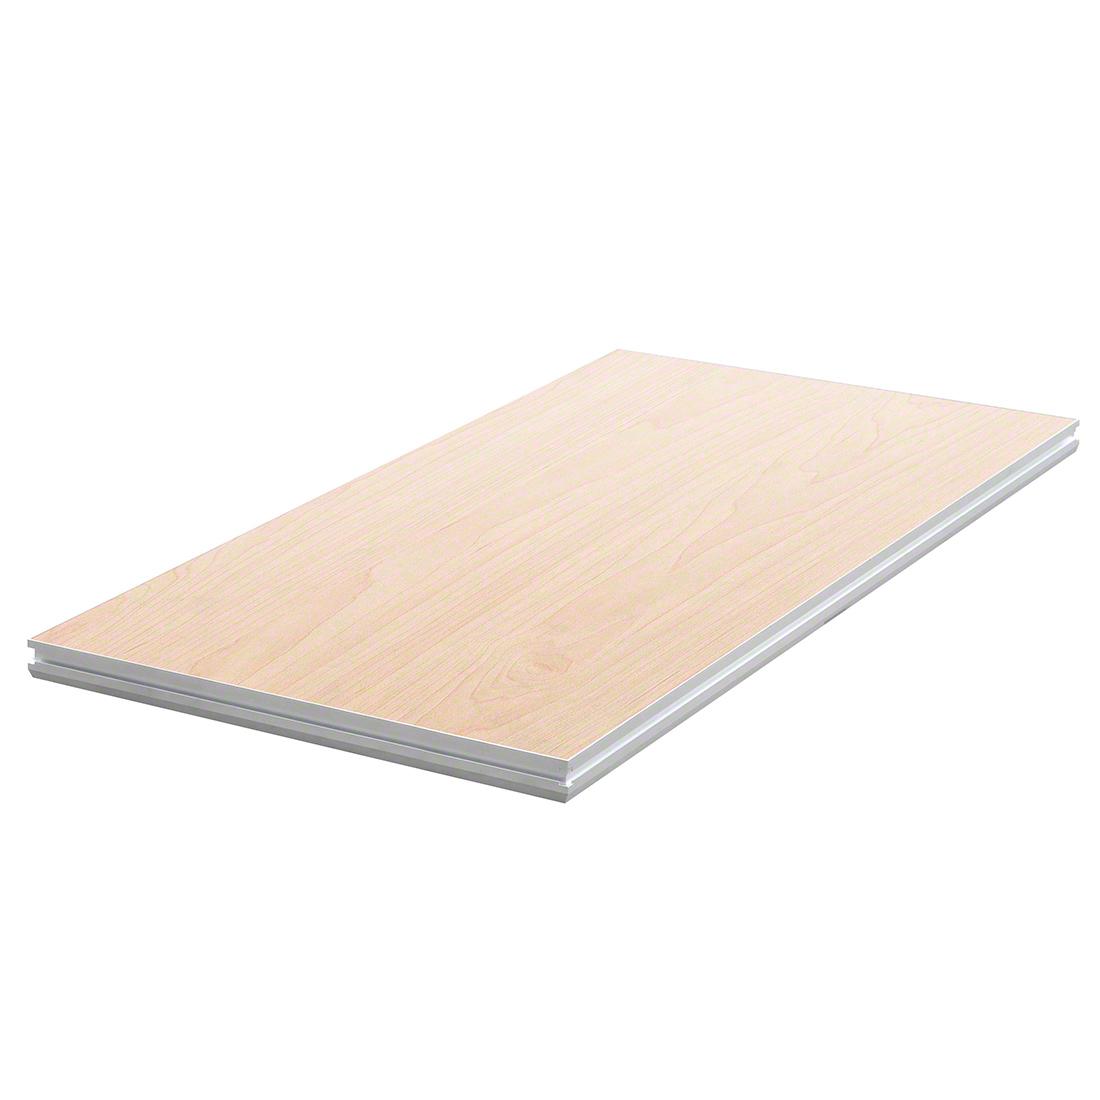 Pro flex 8 39 x4 39 stage platform natural wood unfinished for How to make wooden platform